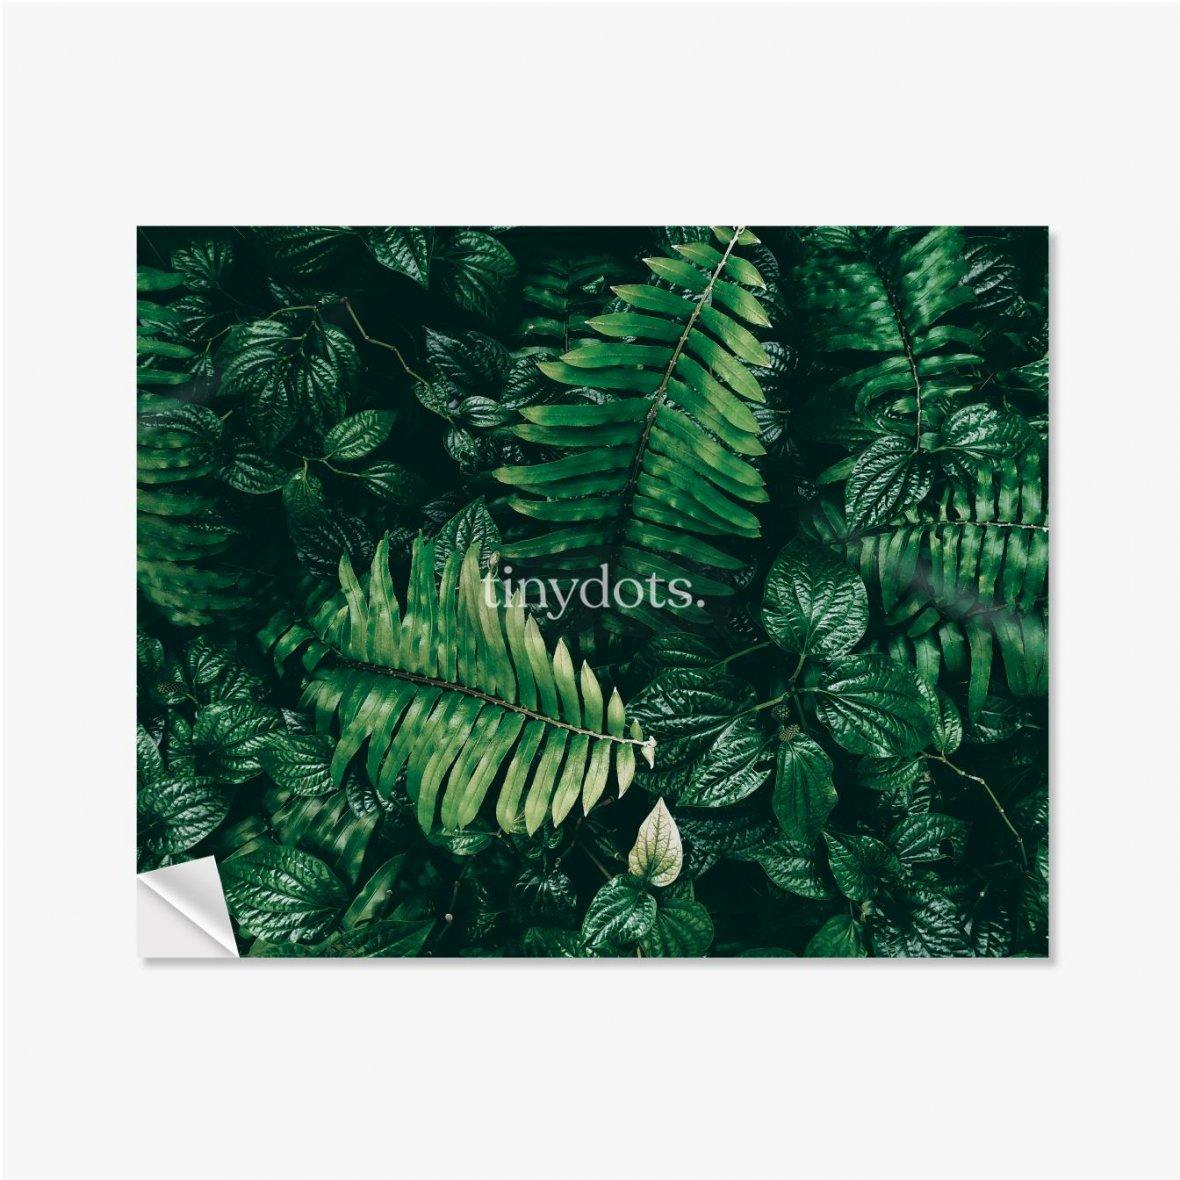 Selbstklebende Poster Tropisches grünes Blatt im dunklen Ton.